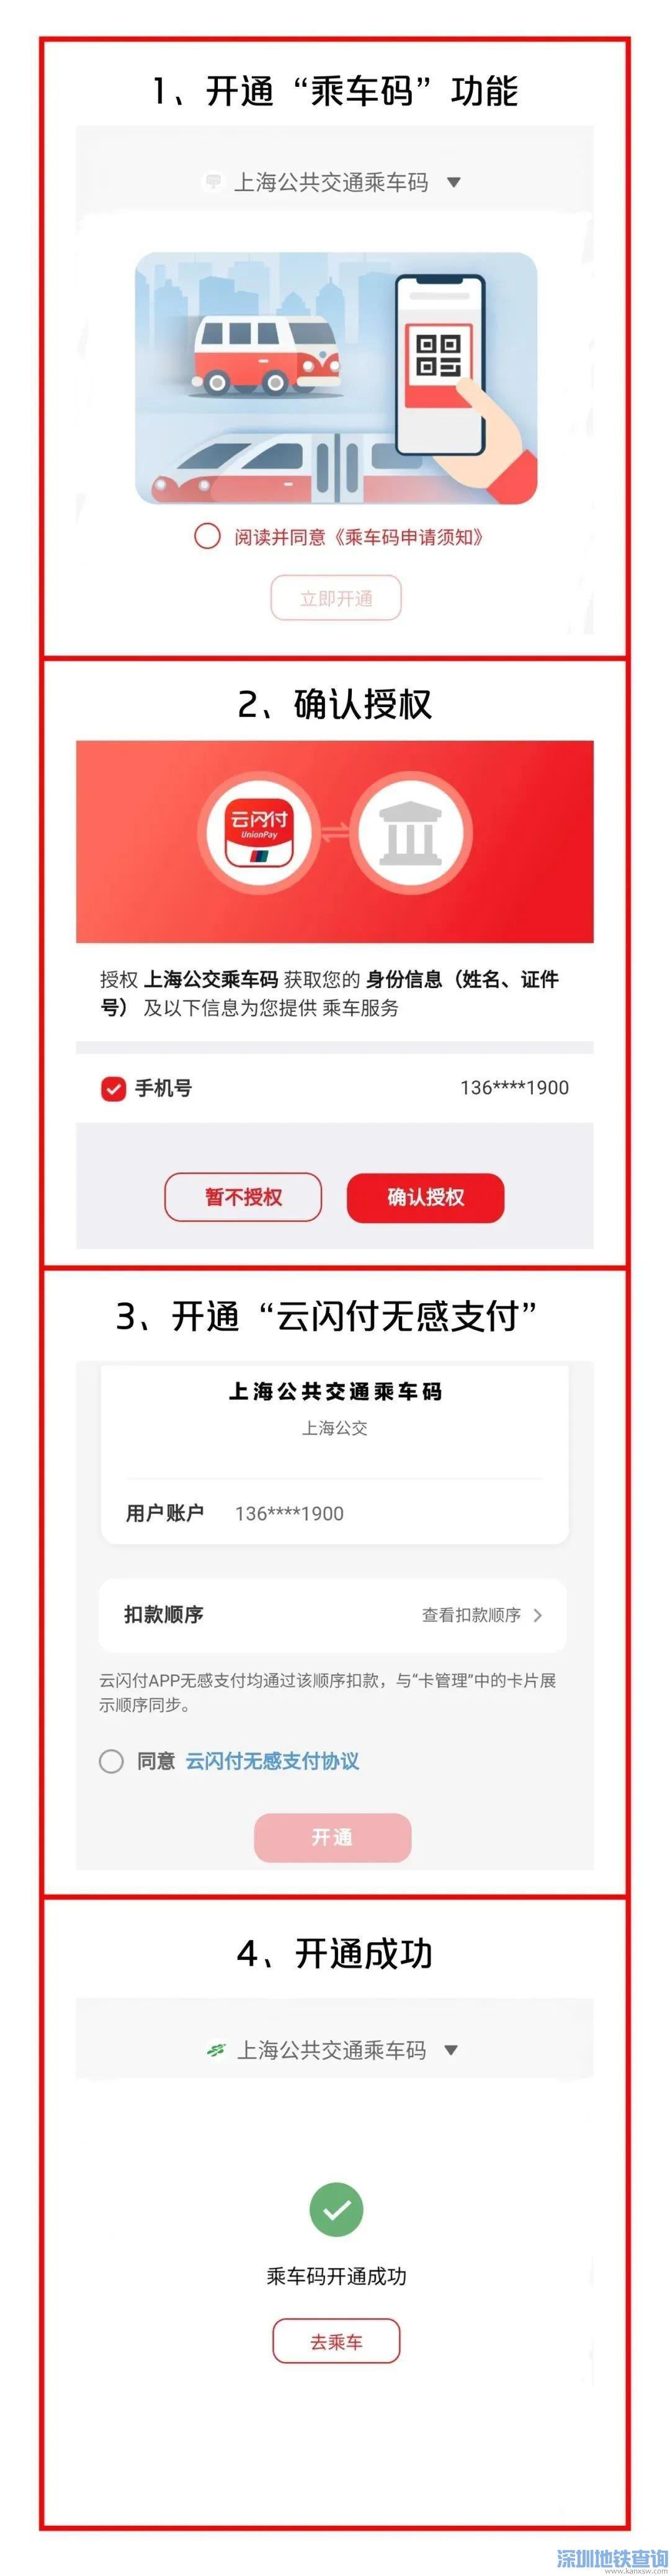 上海公交乘车码5月19日系统升级 服务暂受影响